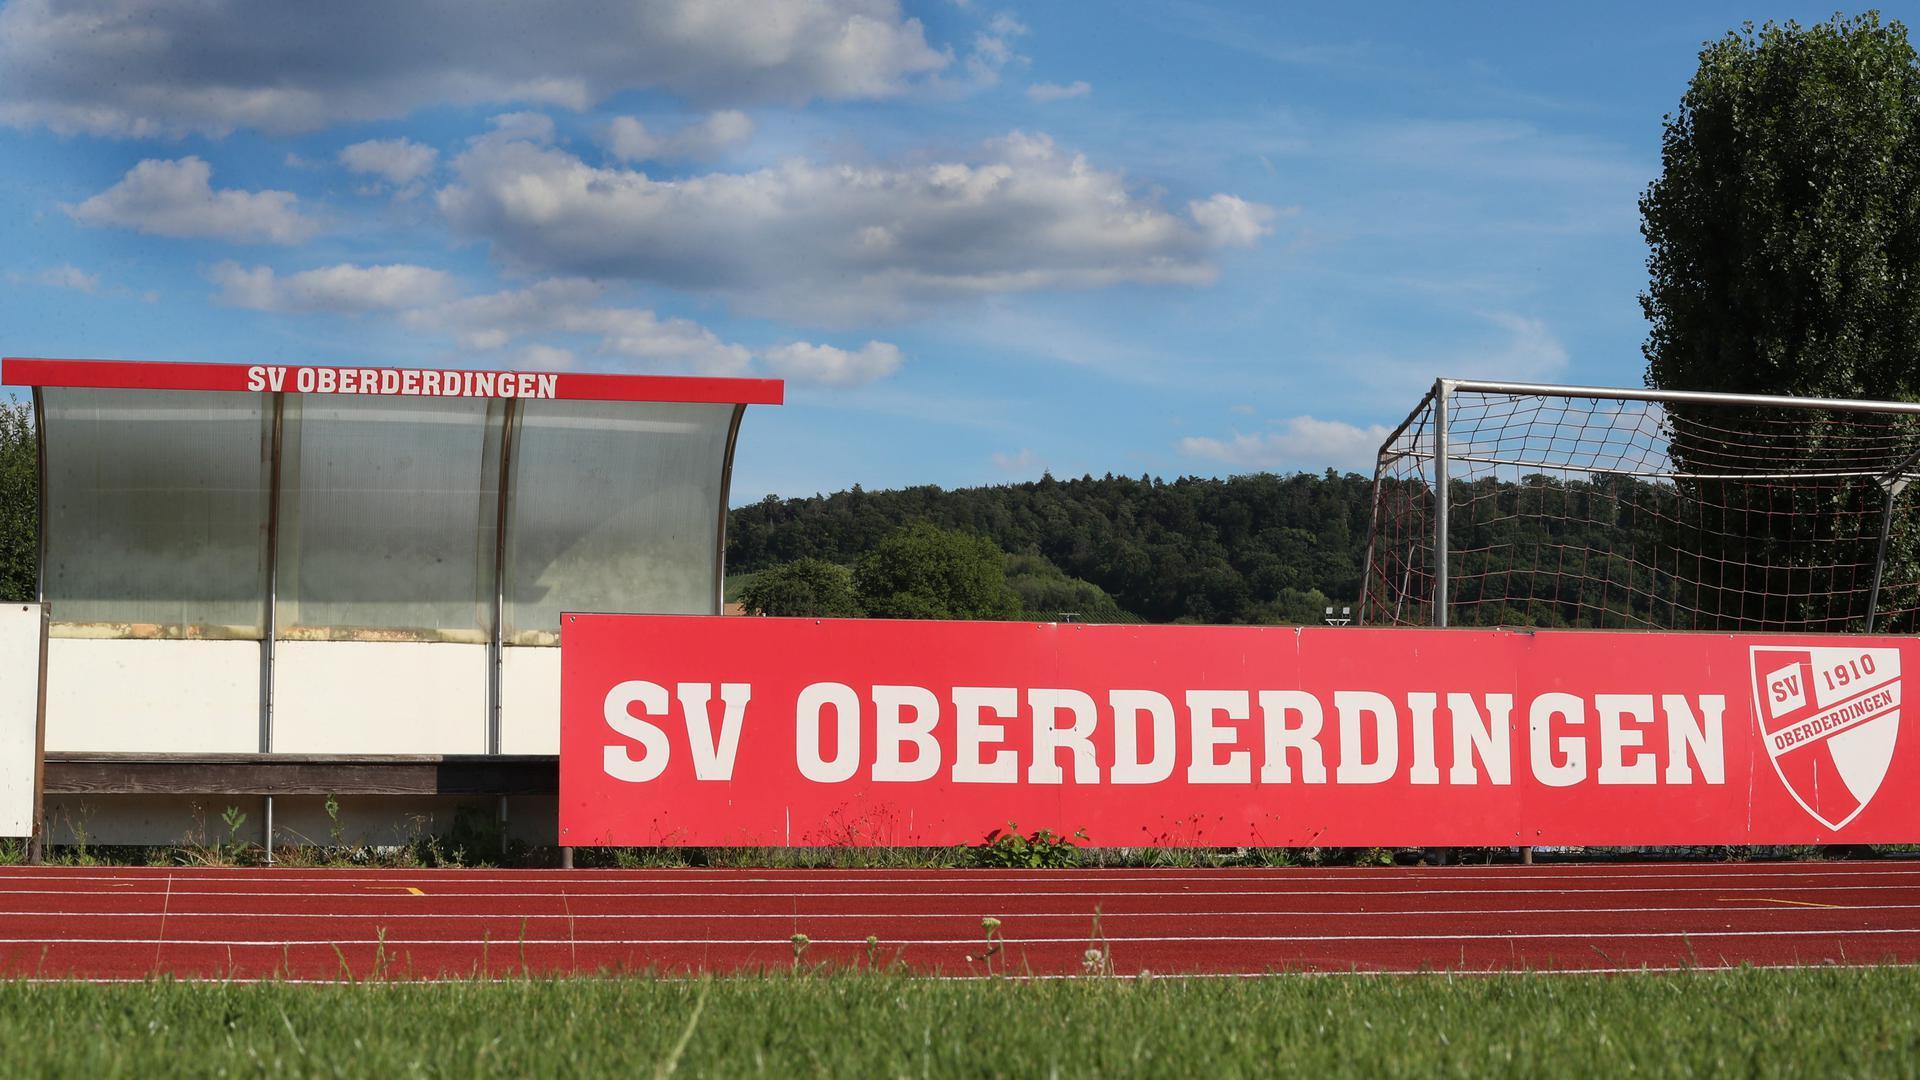 Das Sportgelände des SV Oberderdingen